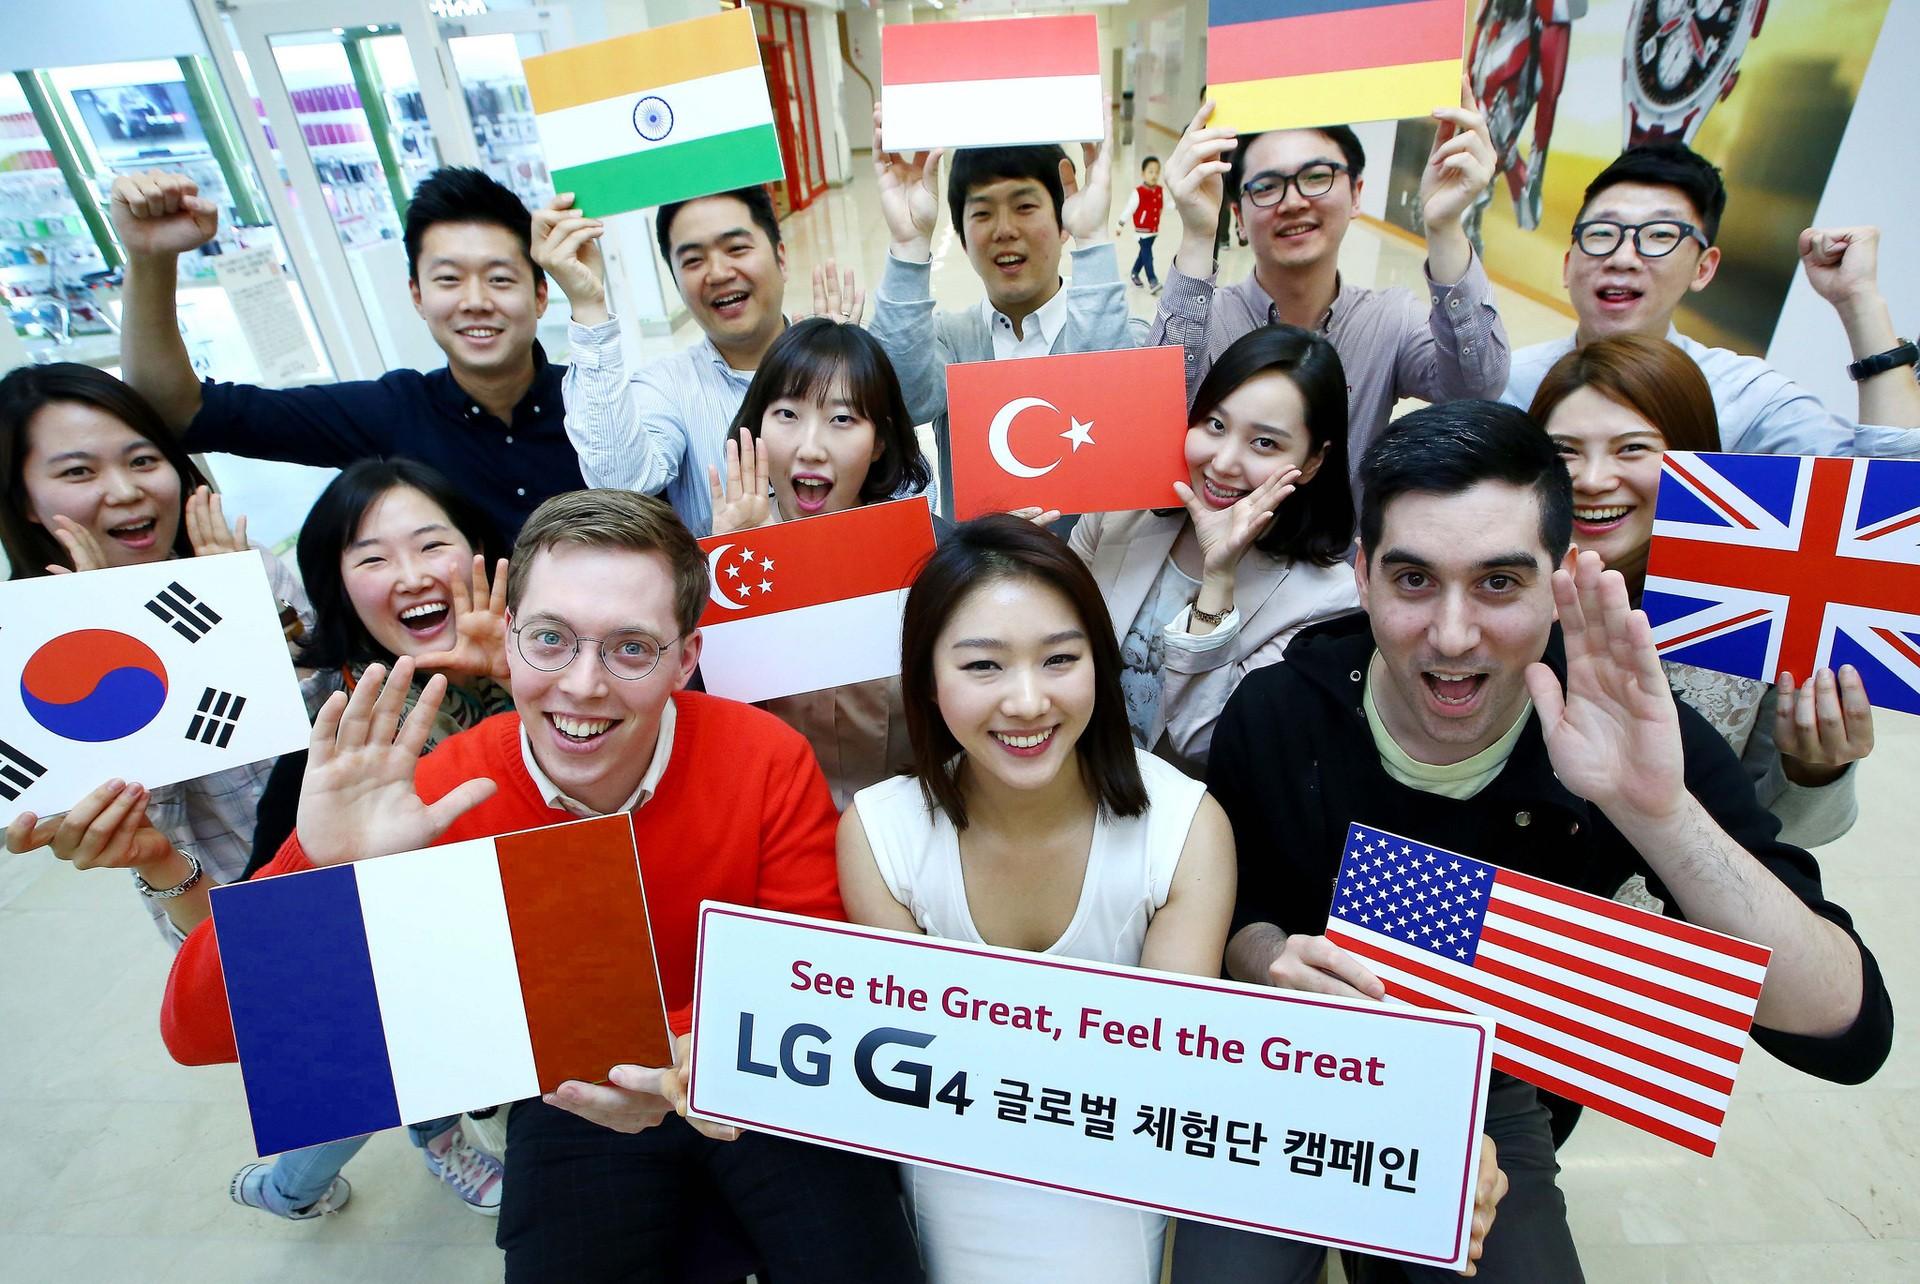 LG G4 in prova in anteprima per 4000 fortunati beta tester